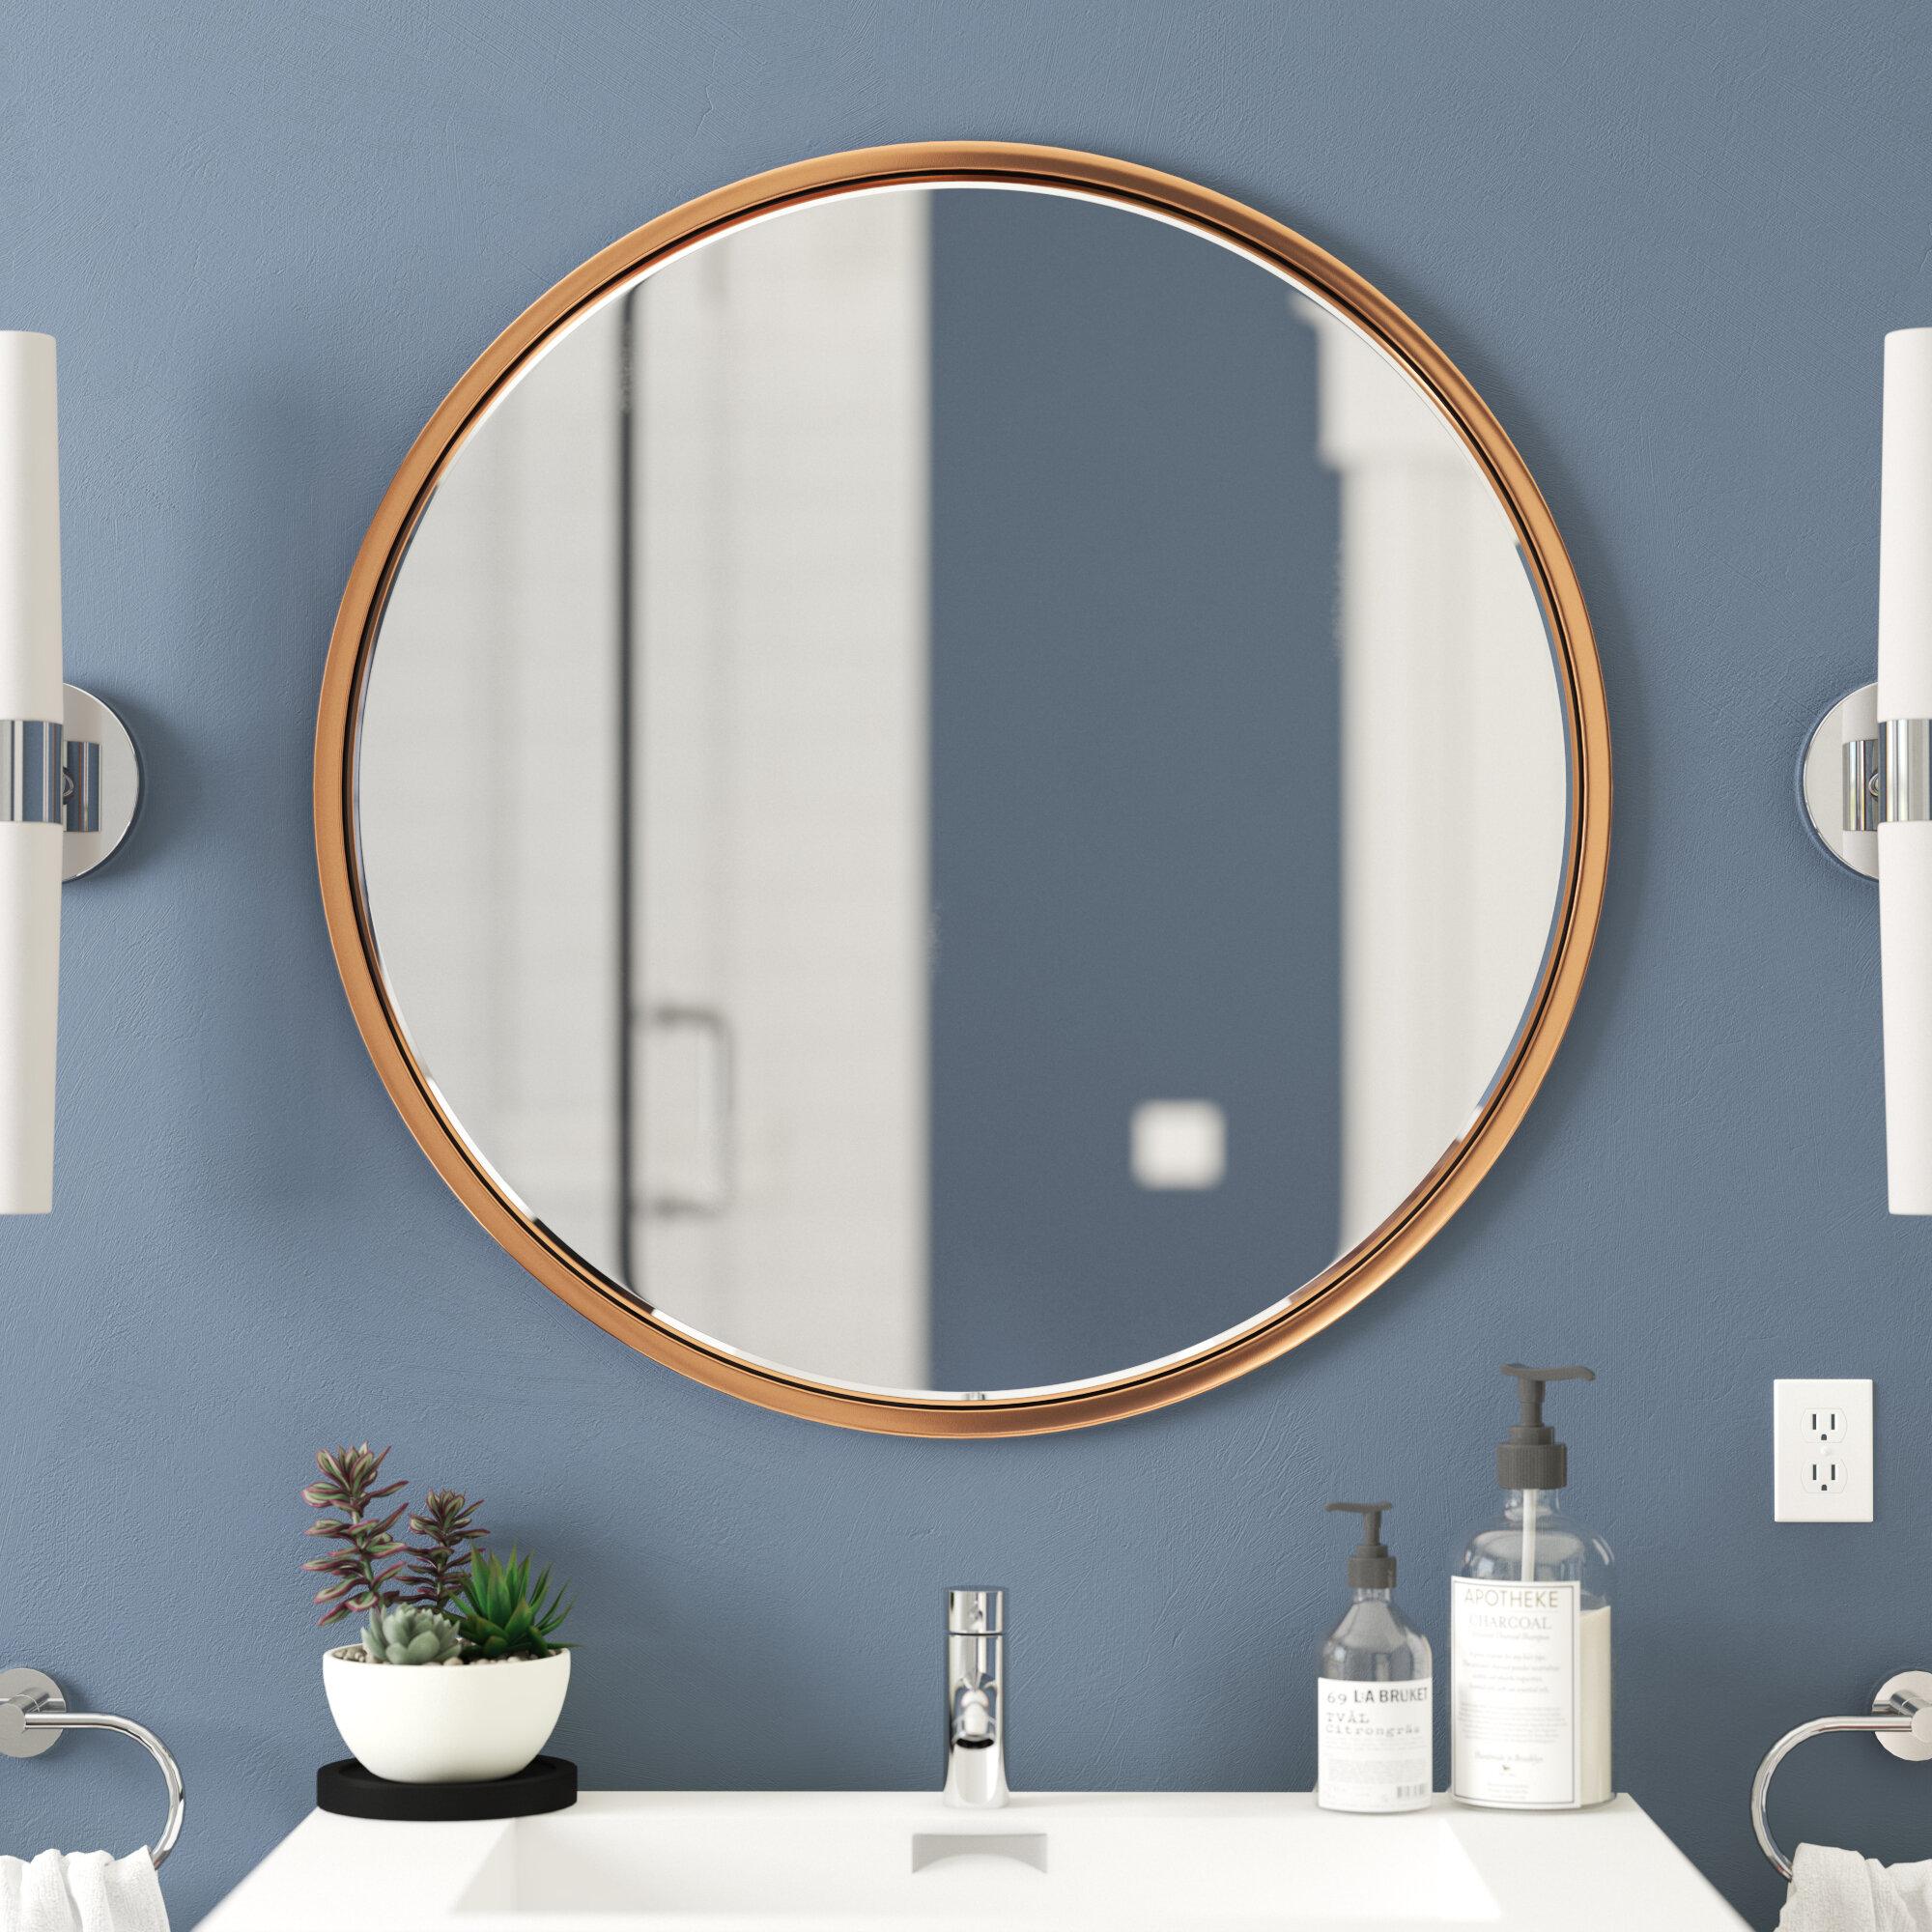 Stupendous Dahlgren Wall Bathroom Vanity Mirror Download Free Architecture Designs Terstmadebymaigaardcom